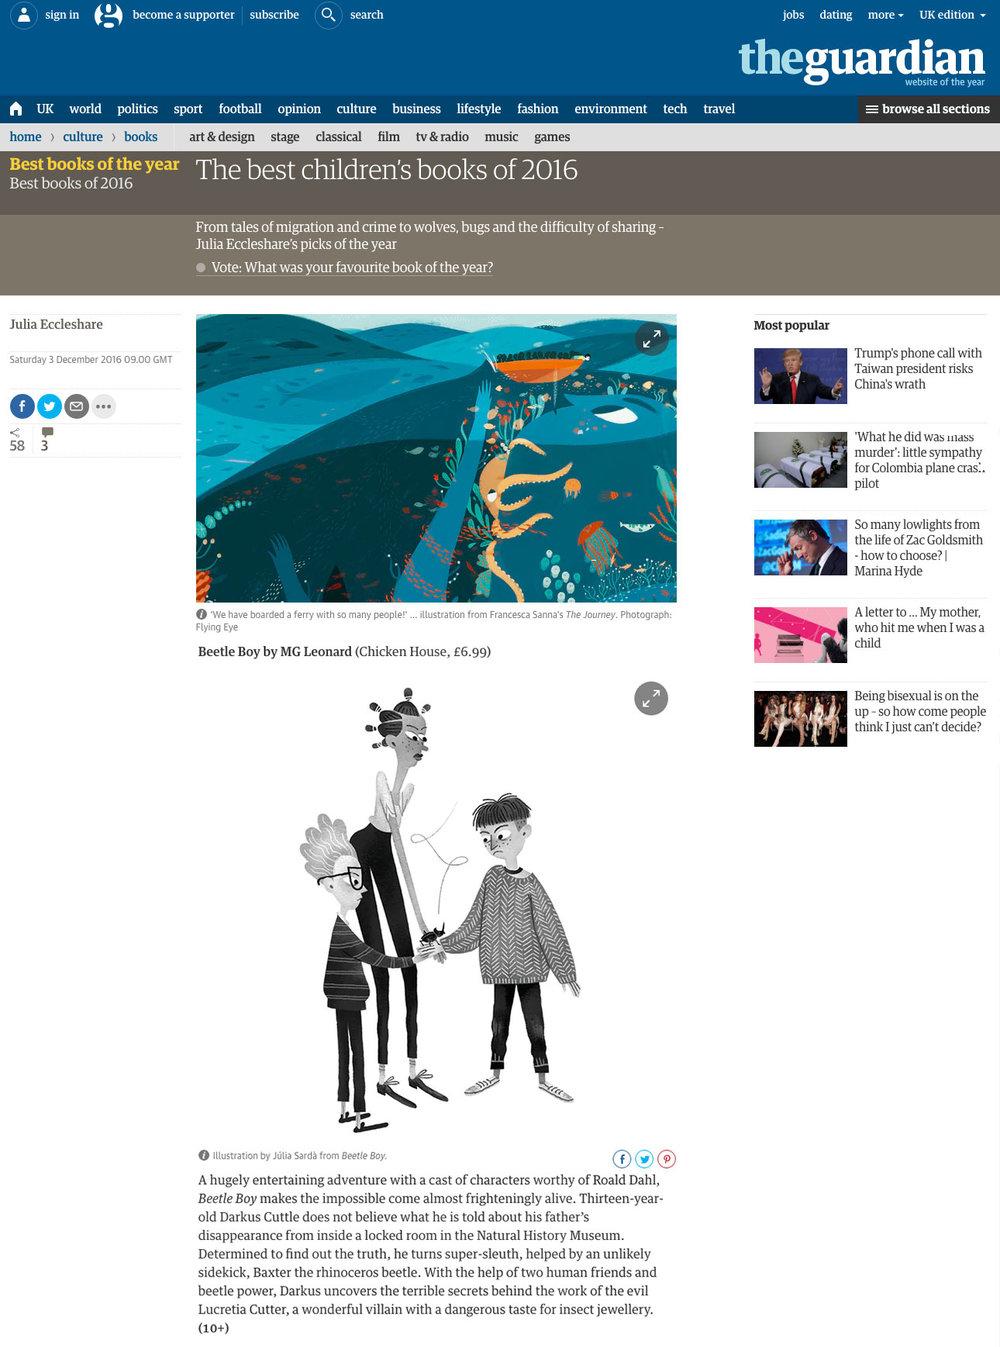 GuardianBestChildrensBooks2016.jpg